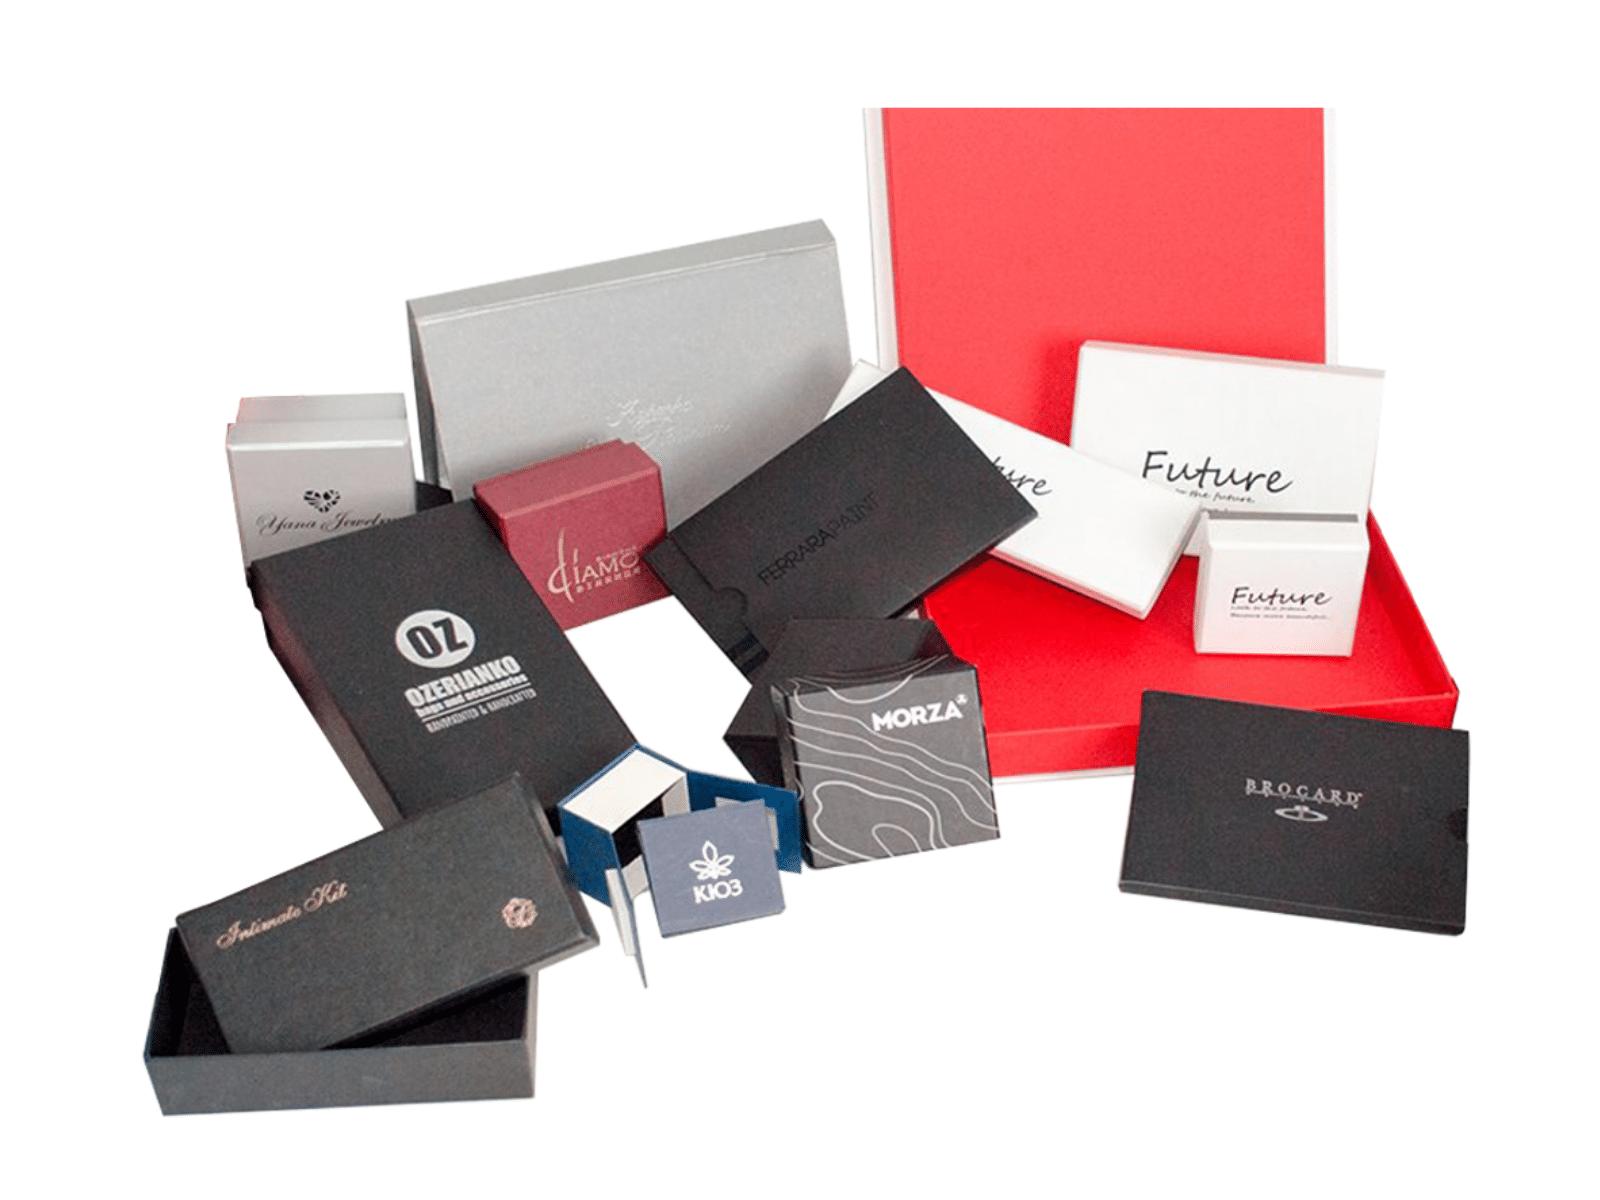 коробки с логотипом компании. Изготовление коробок с логотипом